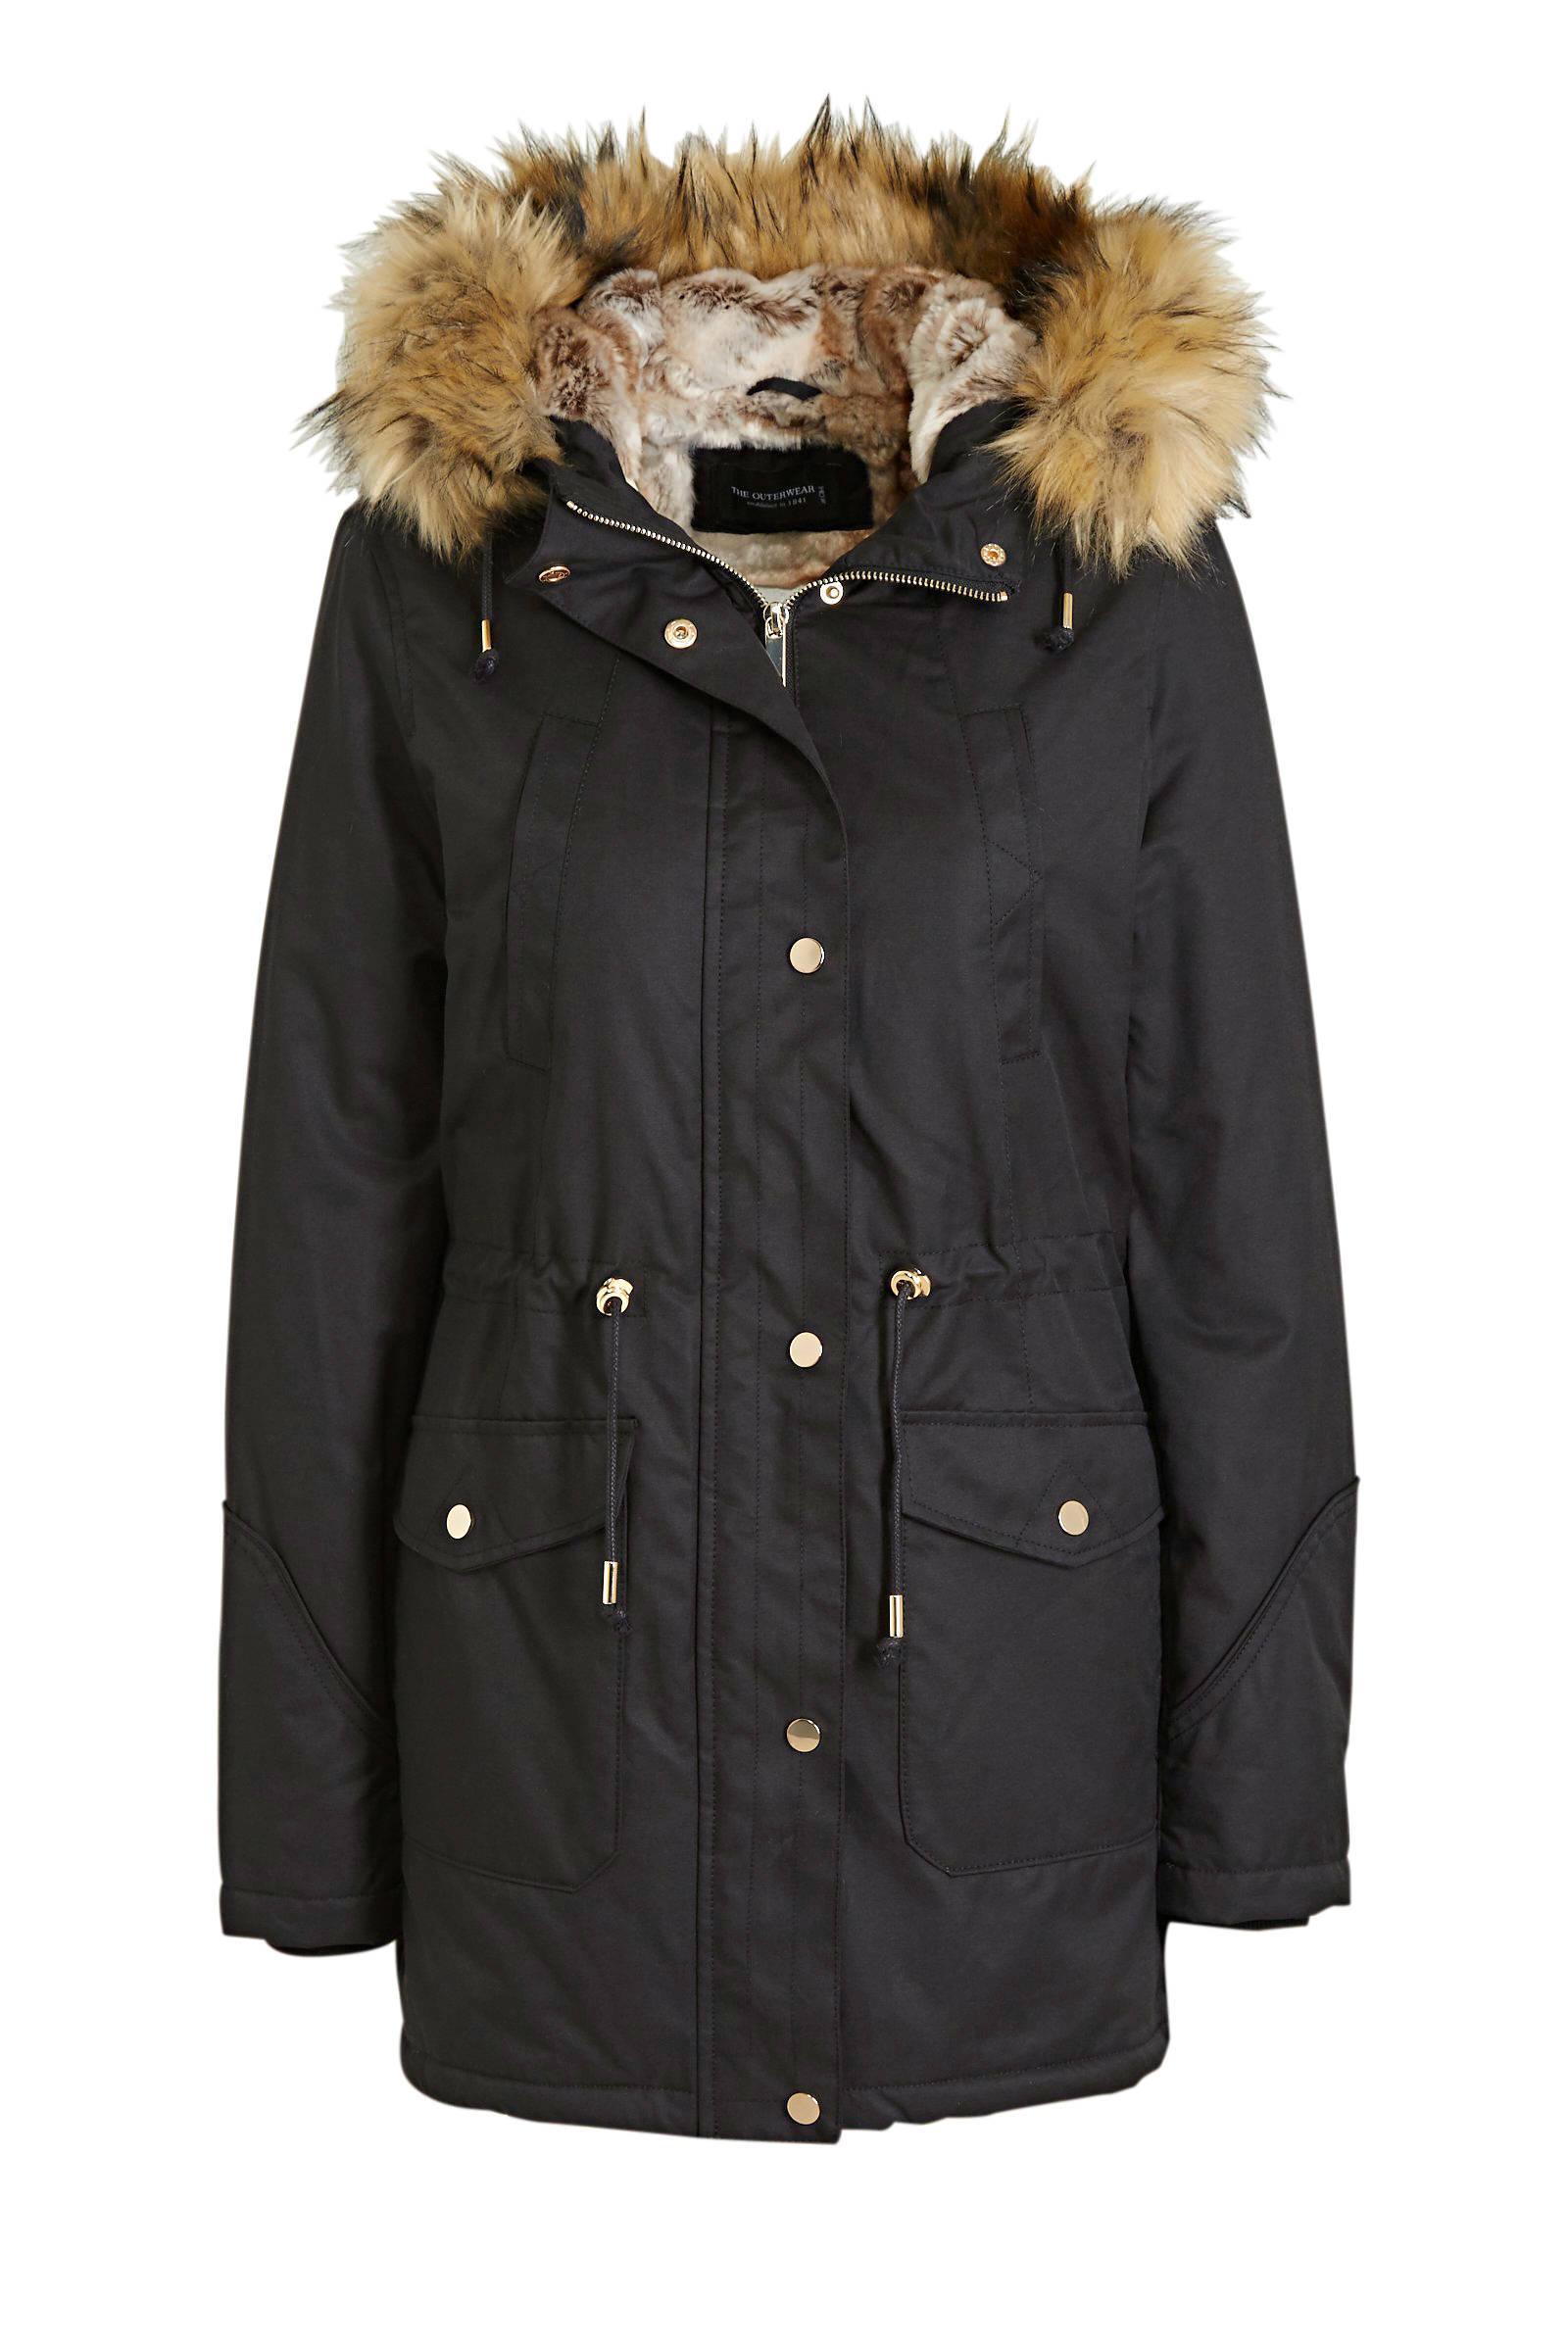 C&A winterjassen voor dames kopen Vind jouw C&A